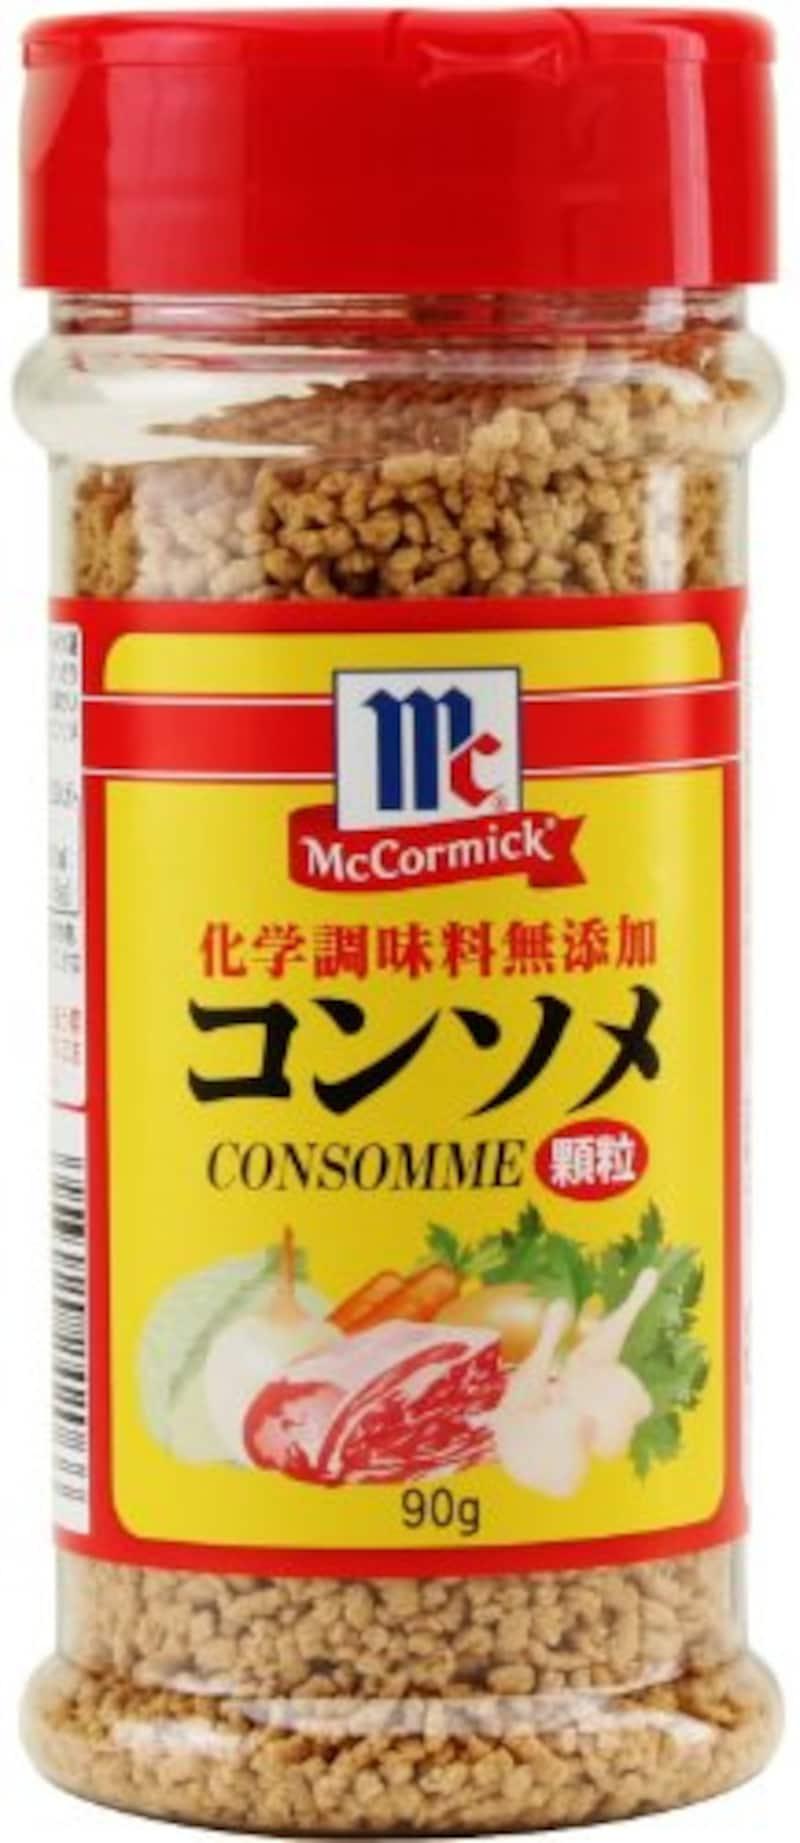 ユウキ食品,マコーミック 化学調味料無添加 コンソメ 顆粒